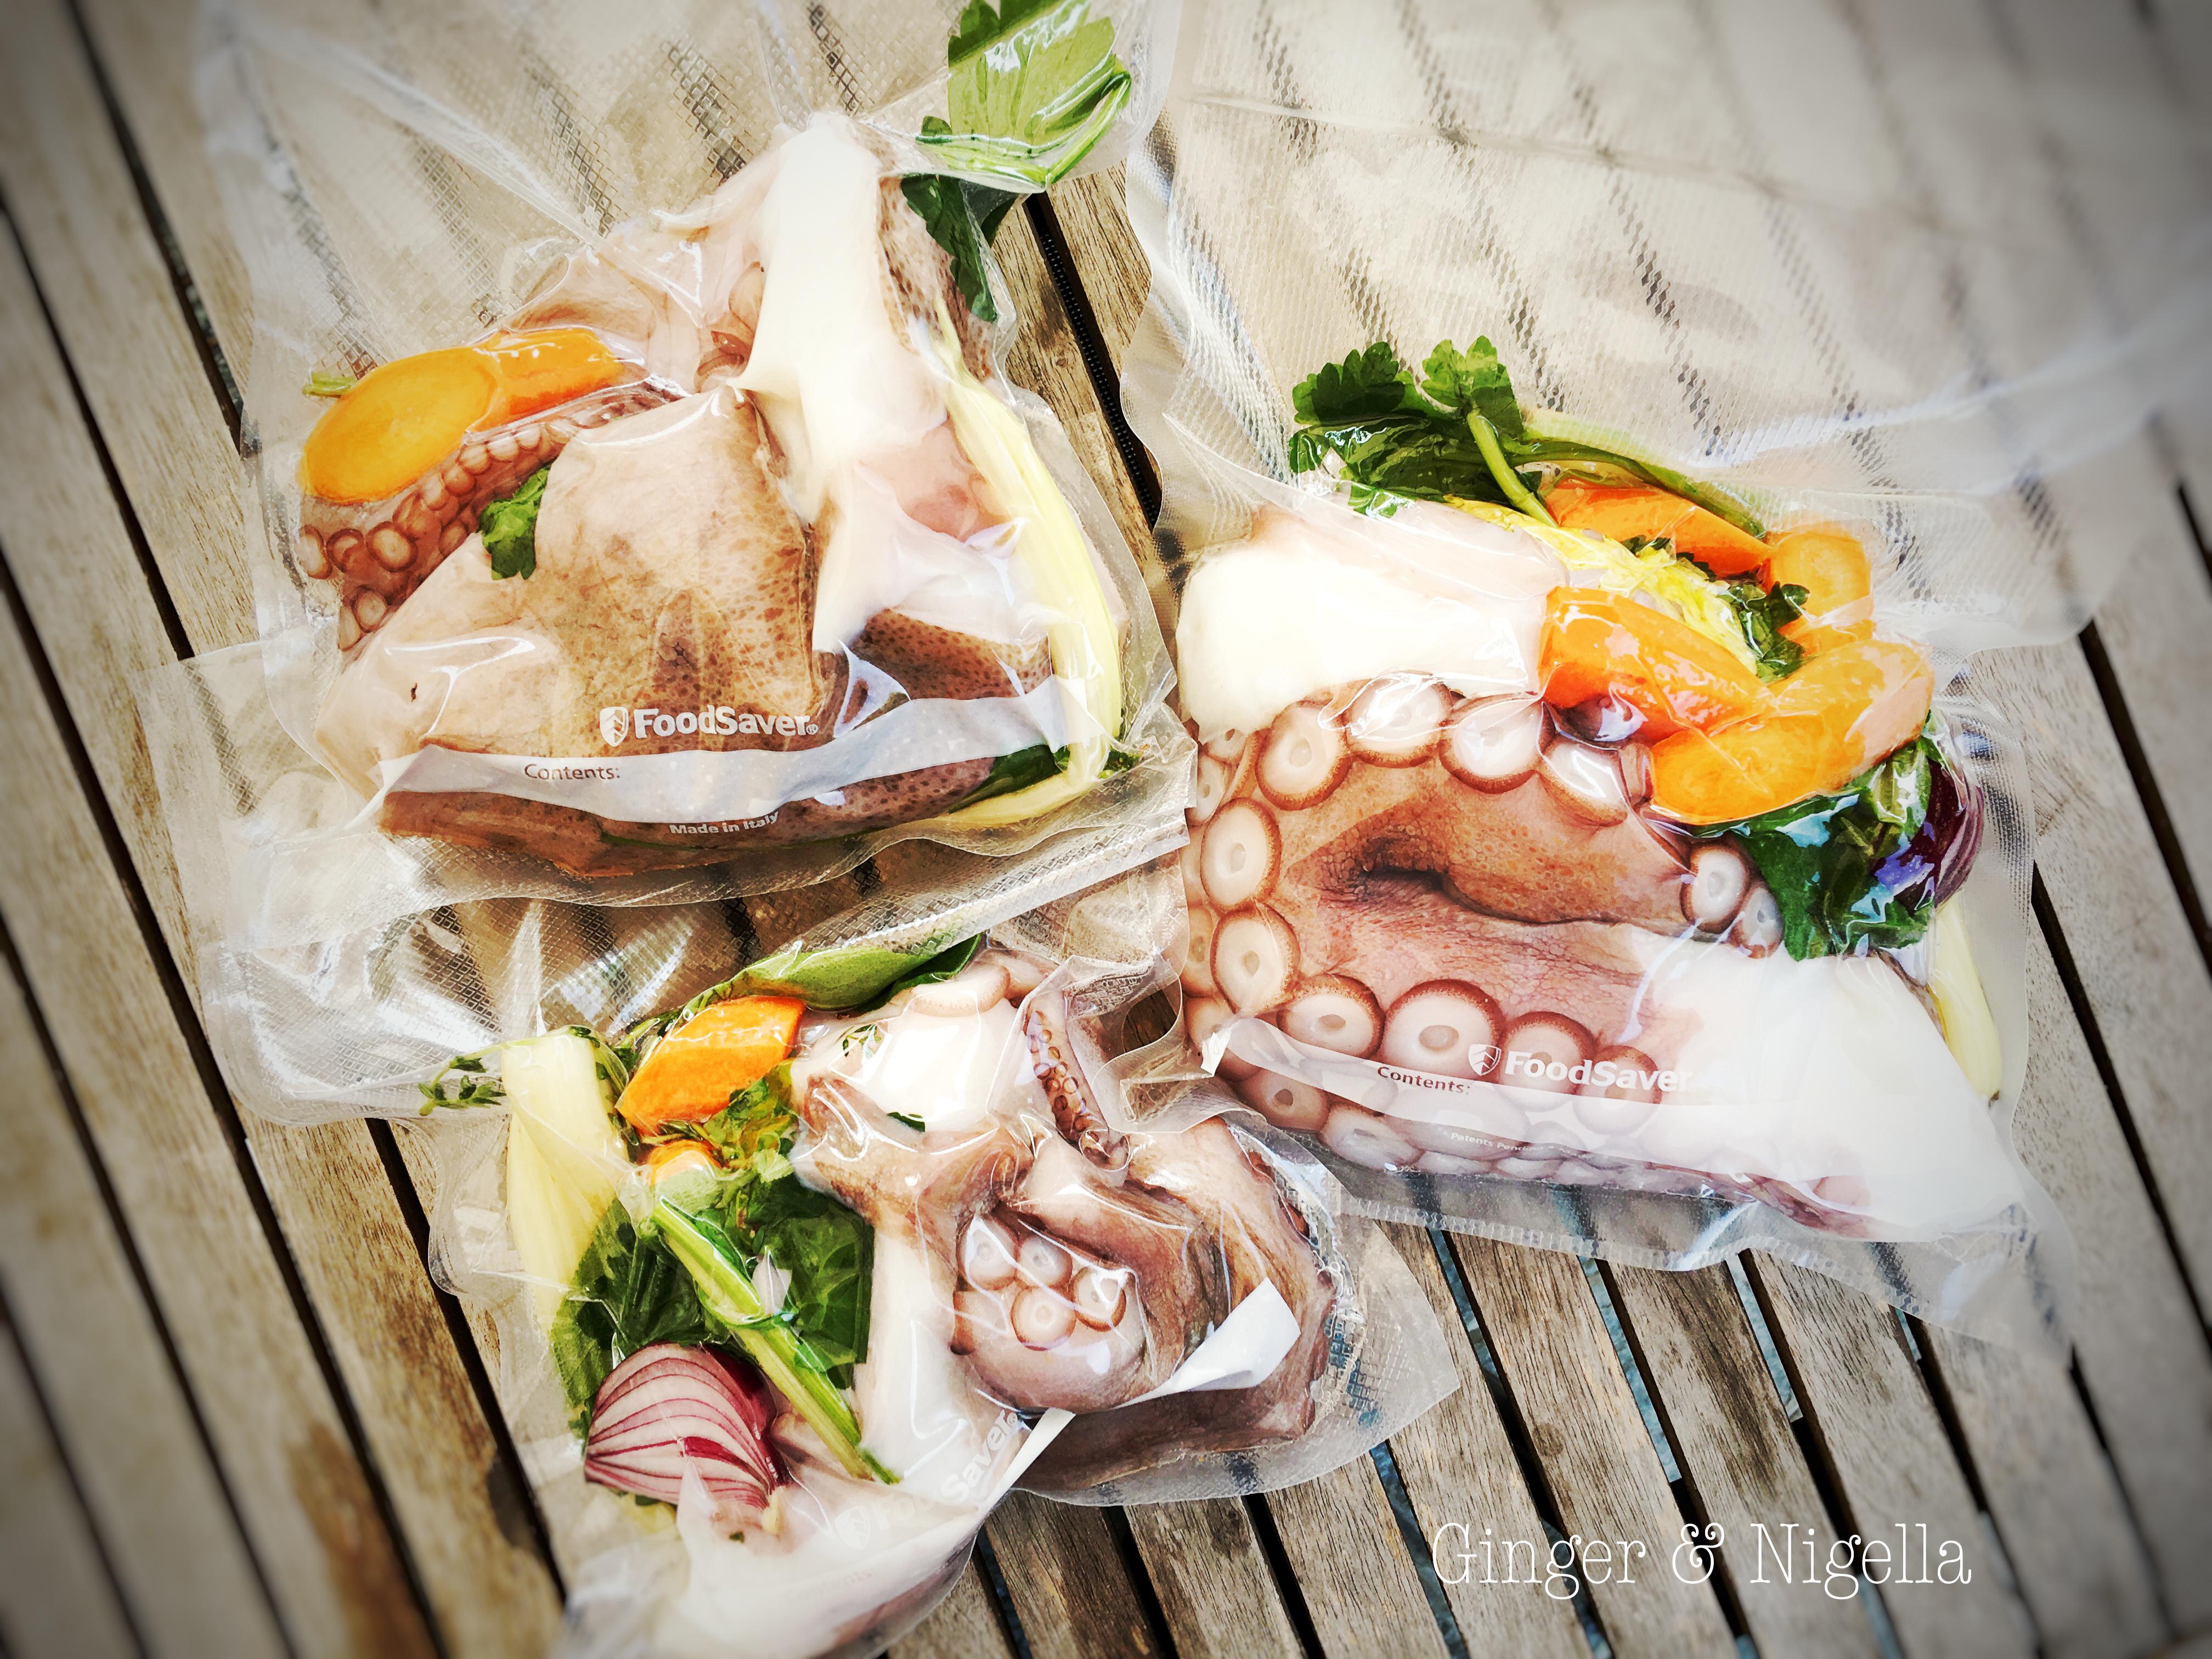 cbt cottura a bassa temepratura cucina asiatica cucina dal mondo cucina orientale